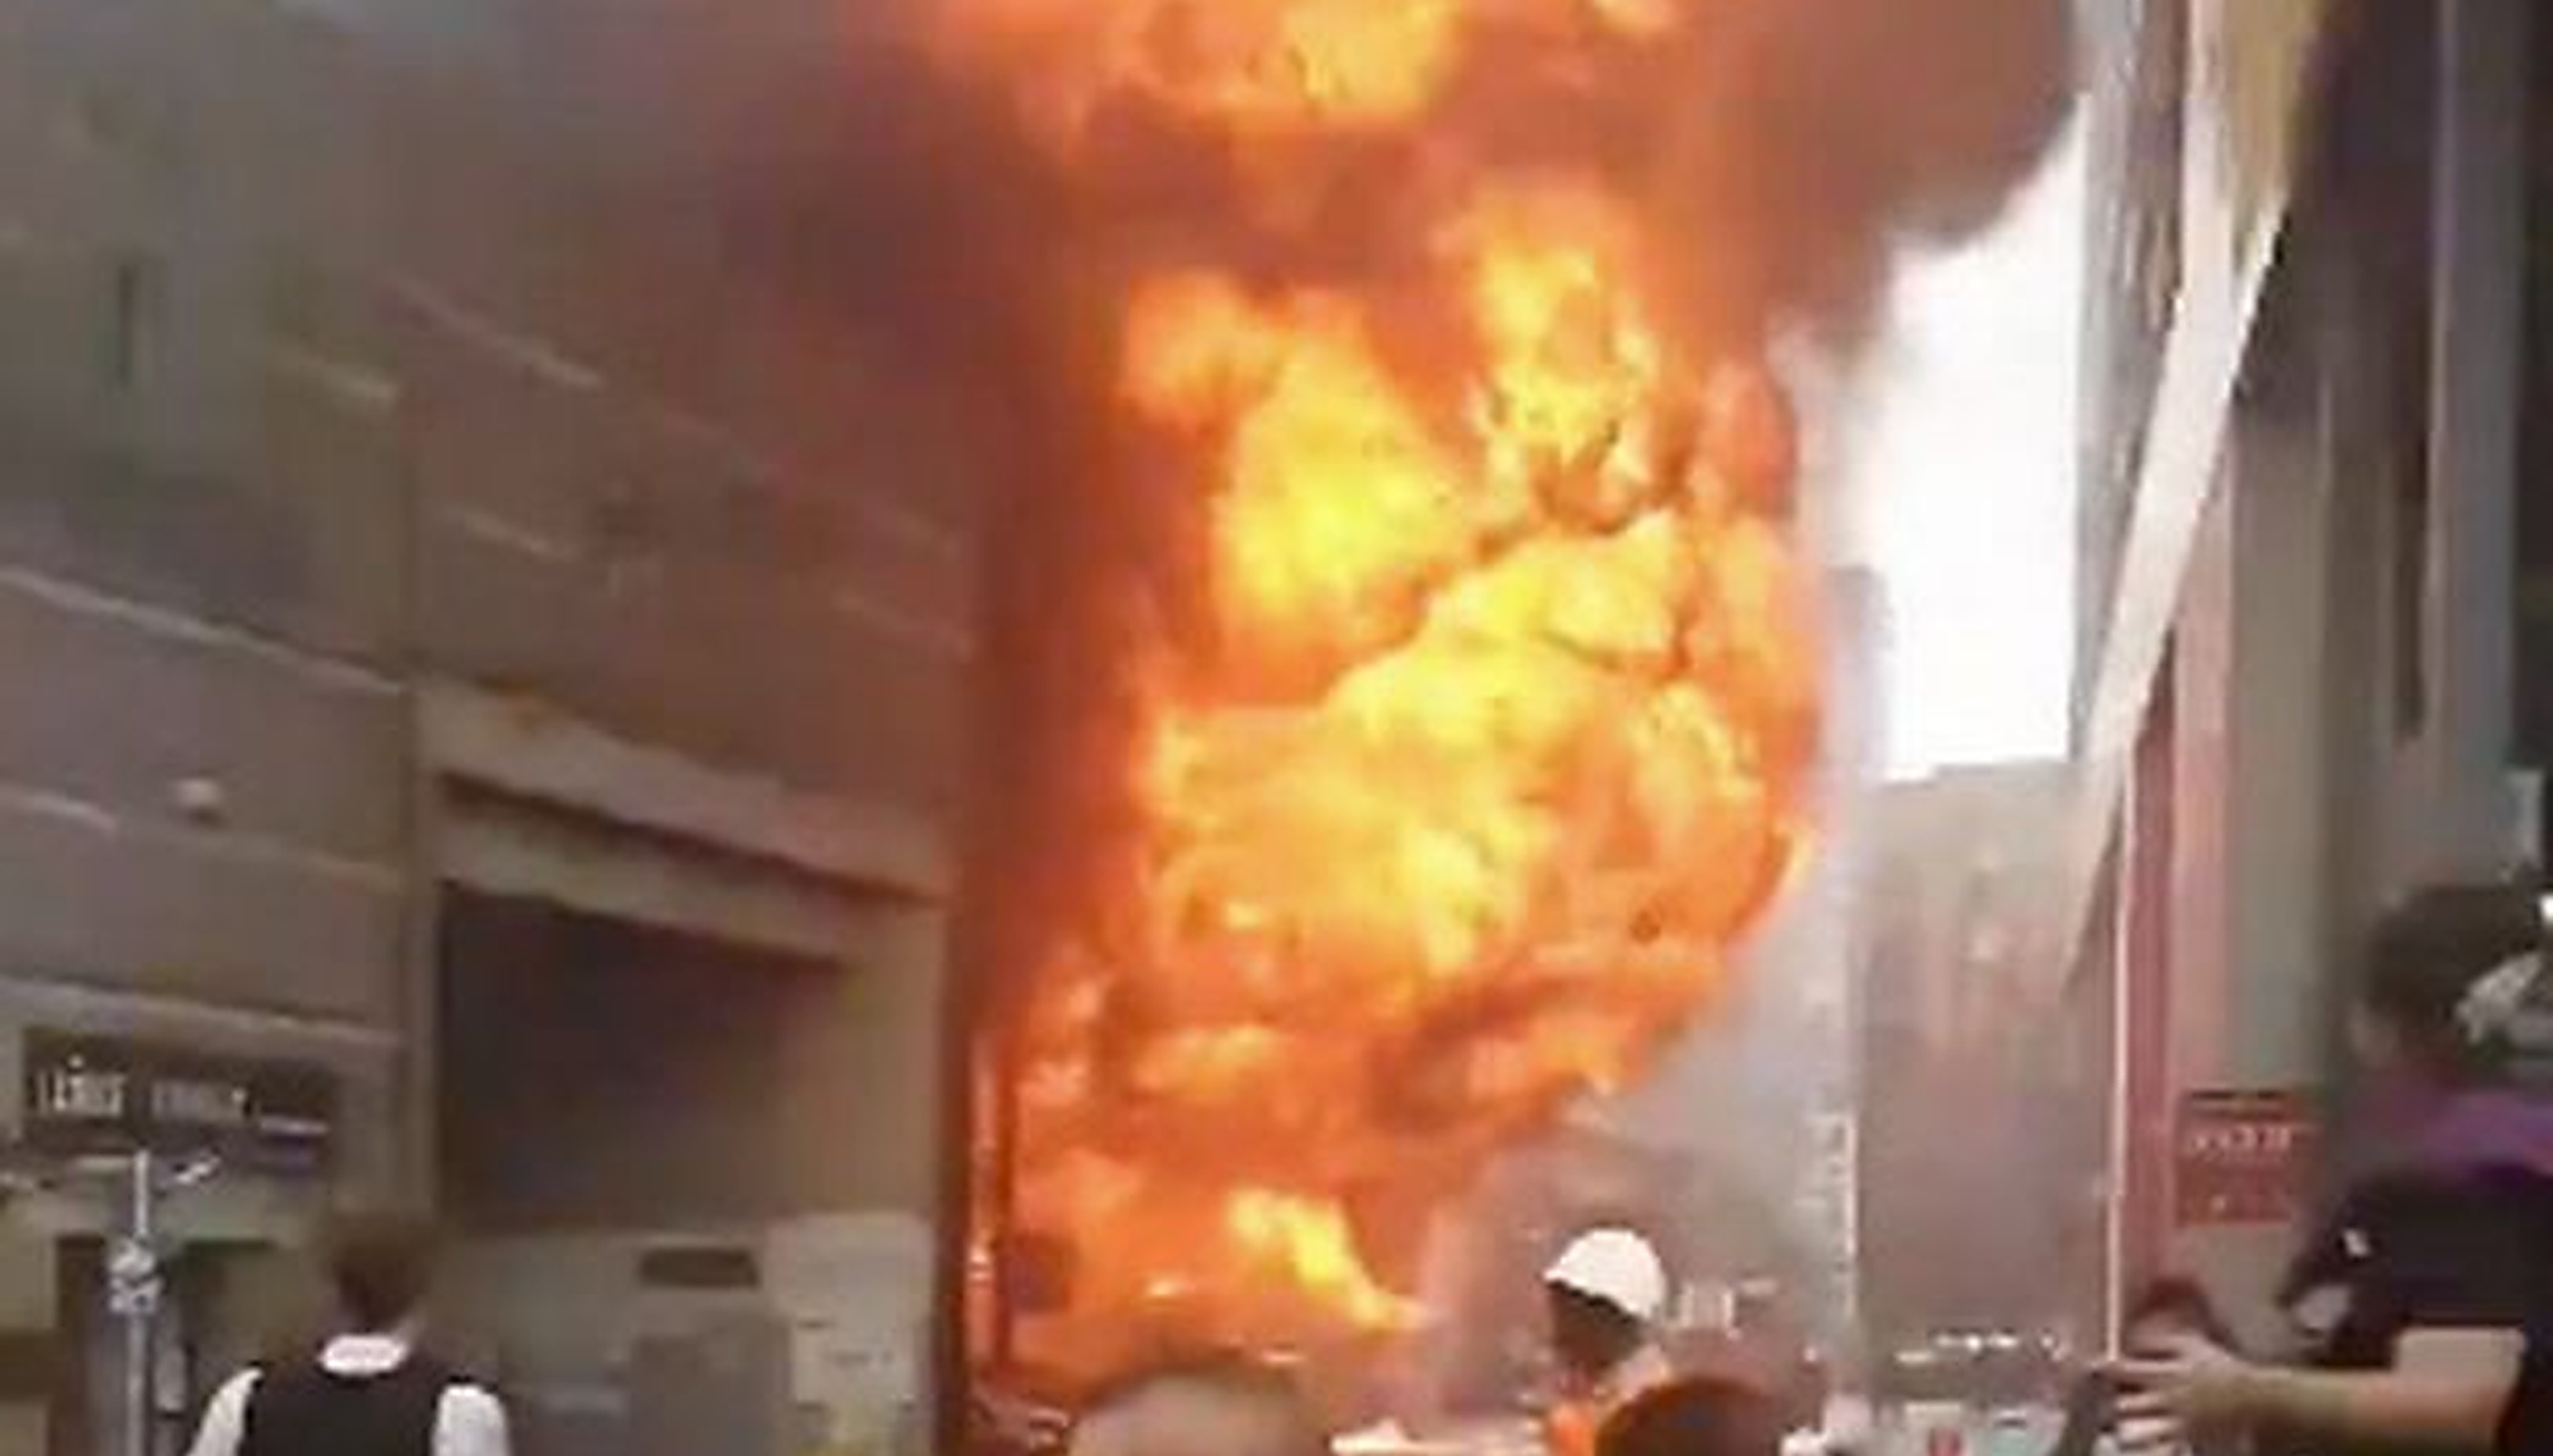 Londra  Explozie puternică la stația de metrou Elephant and Castle. Nu există un bilanț al victimelor. VIDEO